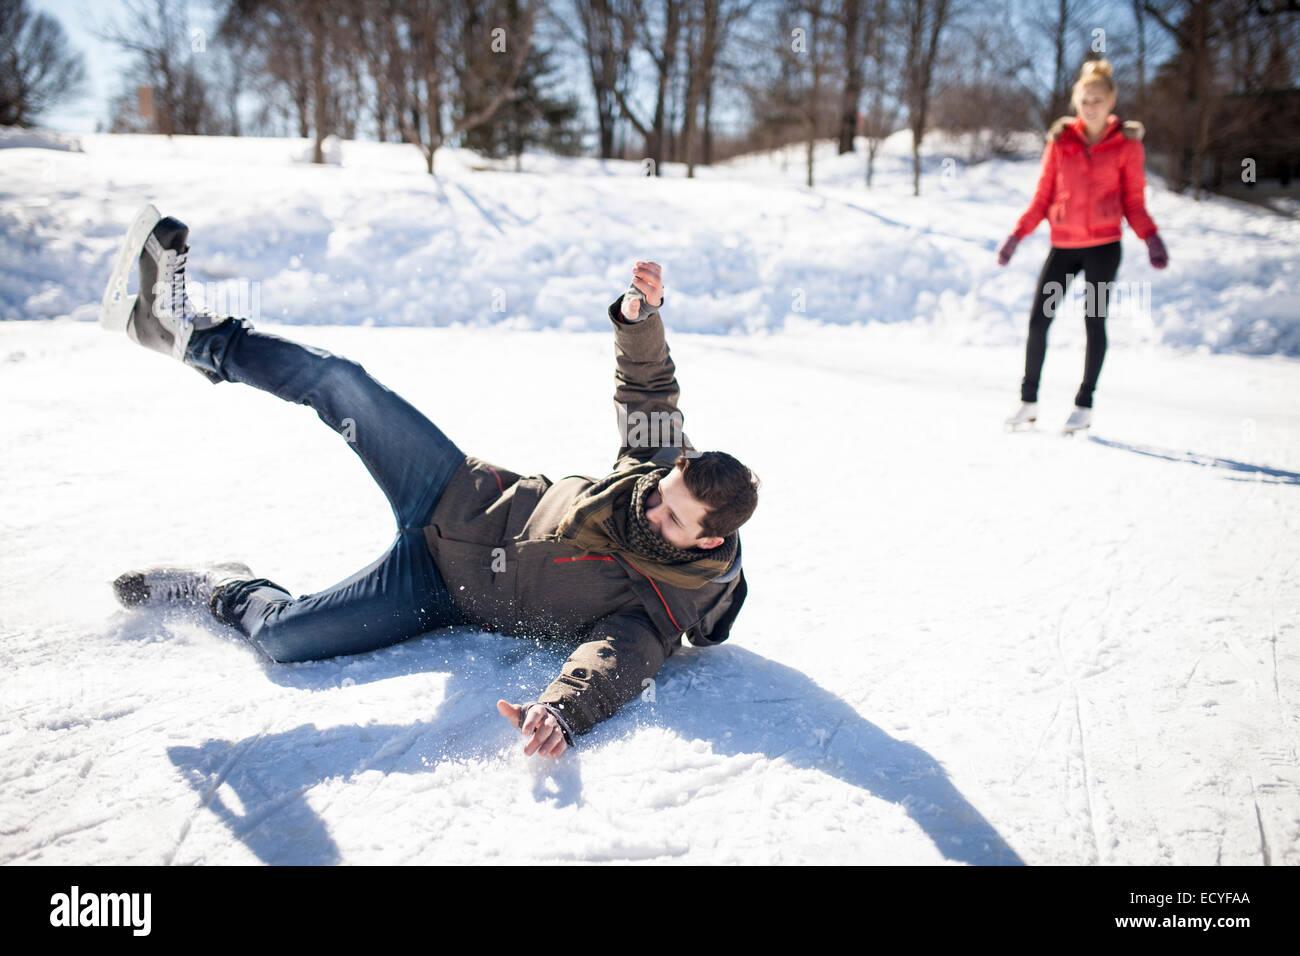 Kaukasischen Mann fiel beim Eislaufen auf dem zugefrorenen See Stockbild